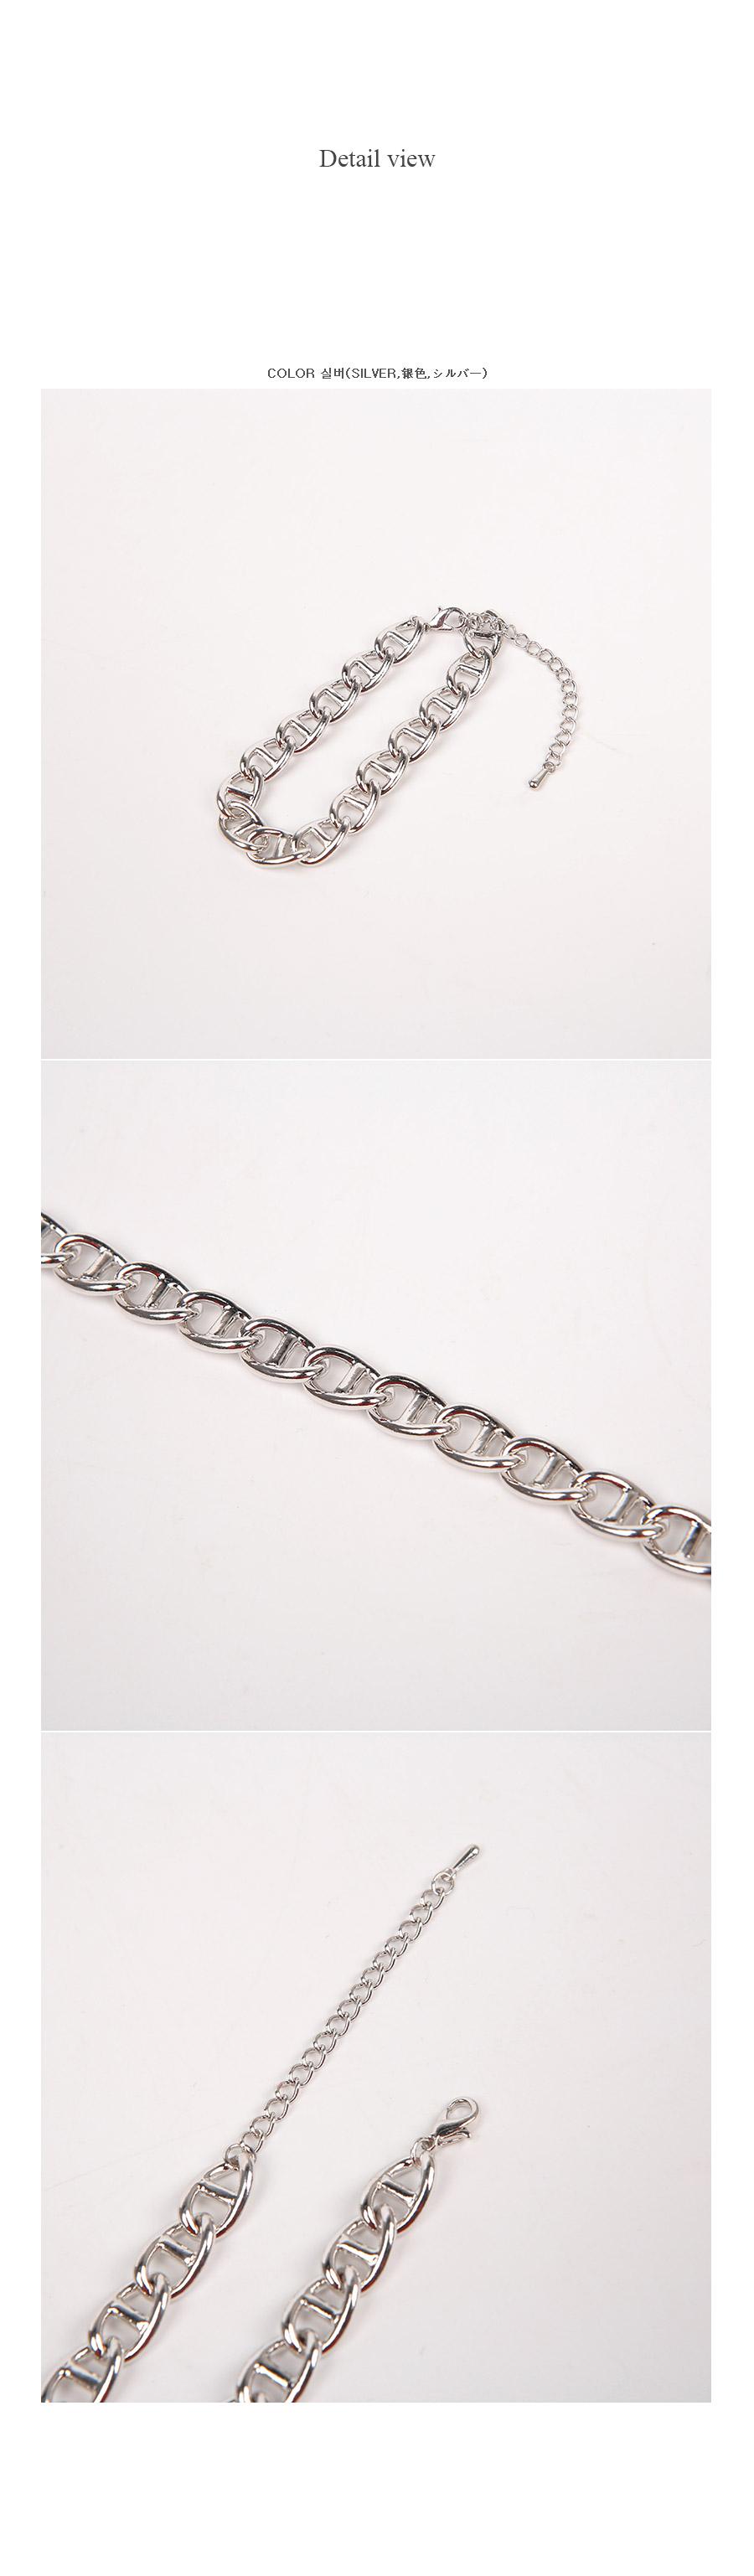 Chain silver b